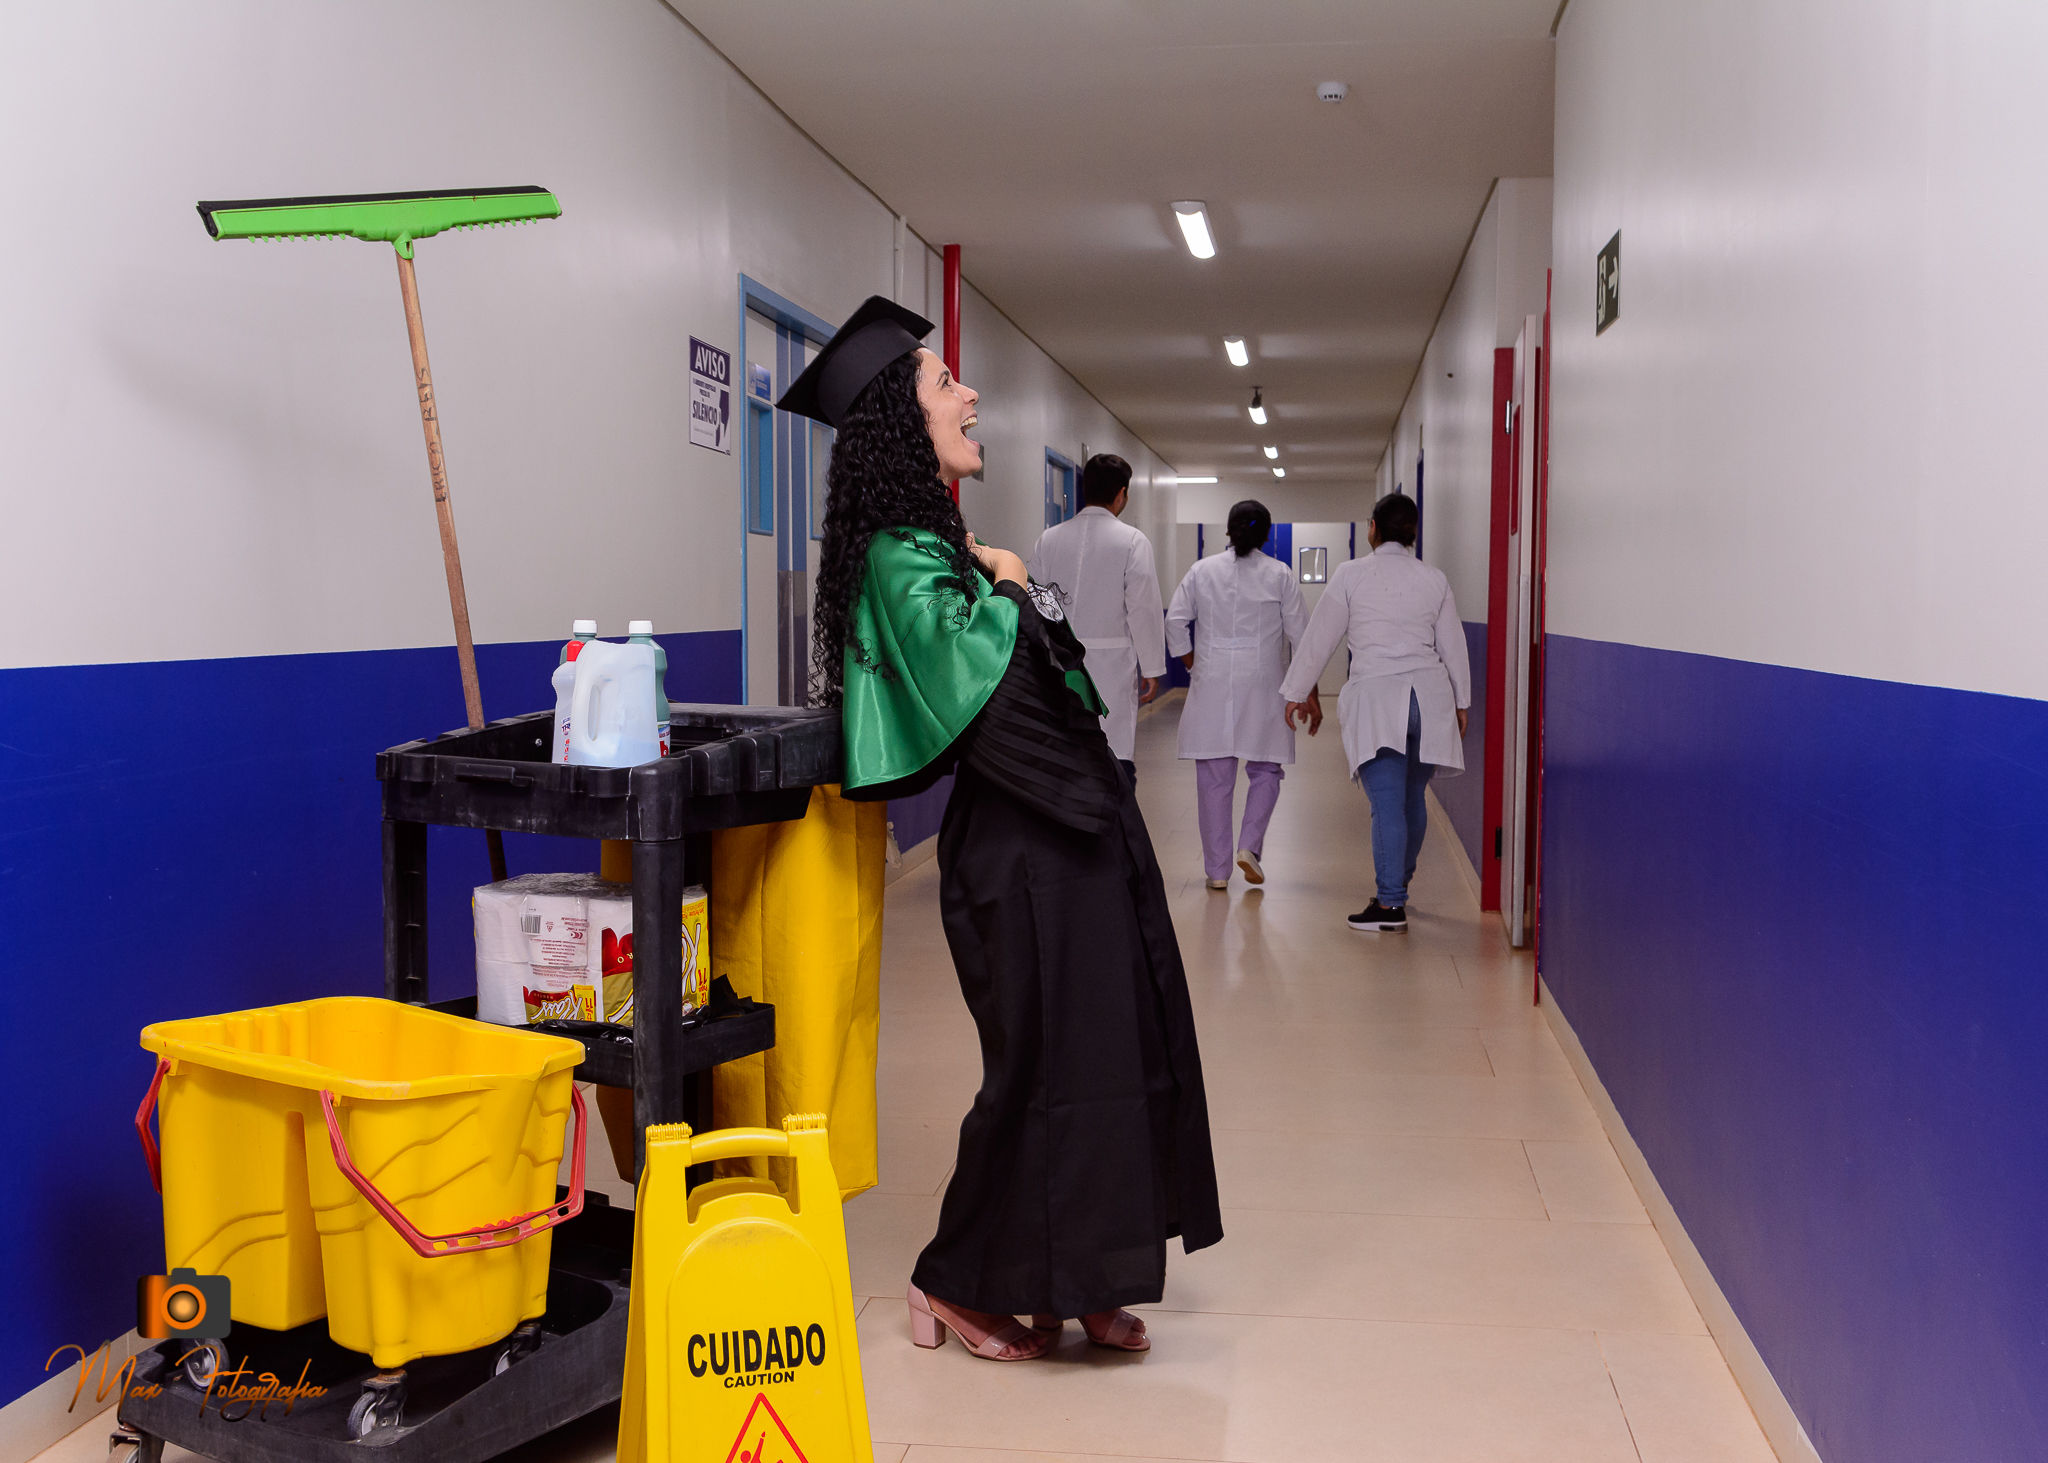 Zeladora de Hospital em Rondônia se forma em Educação Física e faz book no local de trabalho